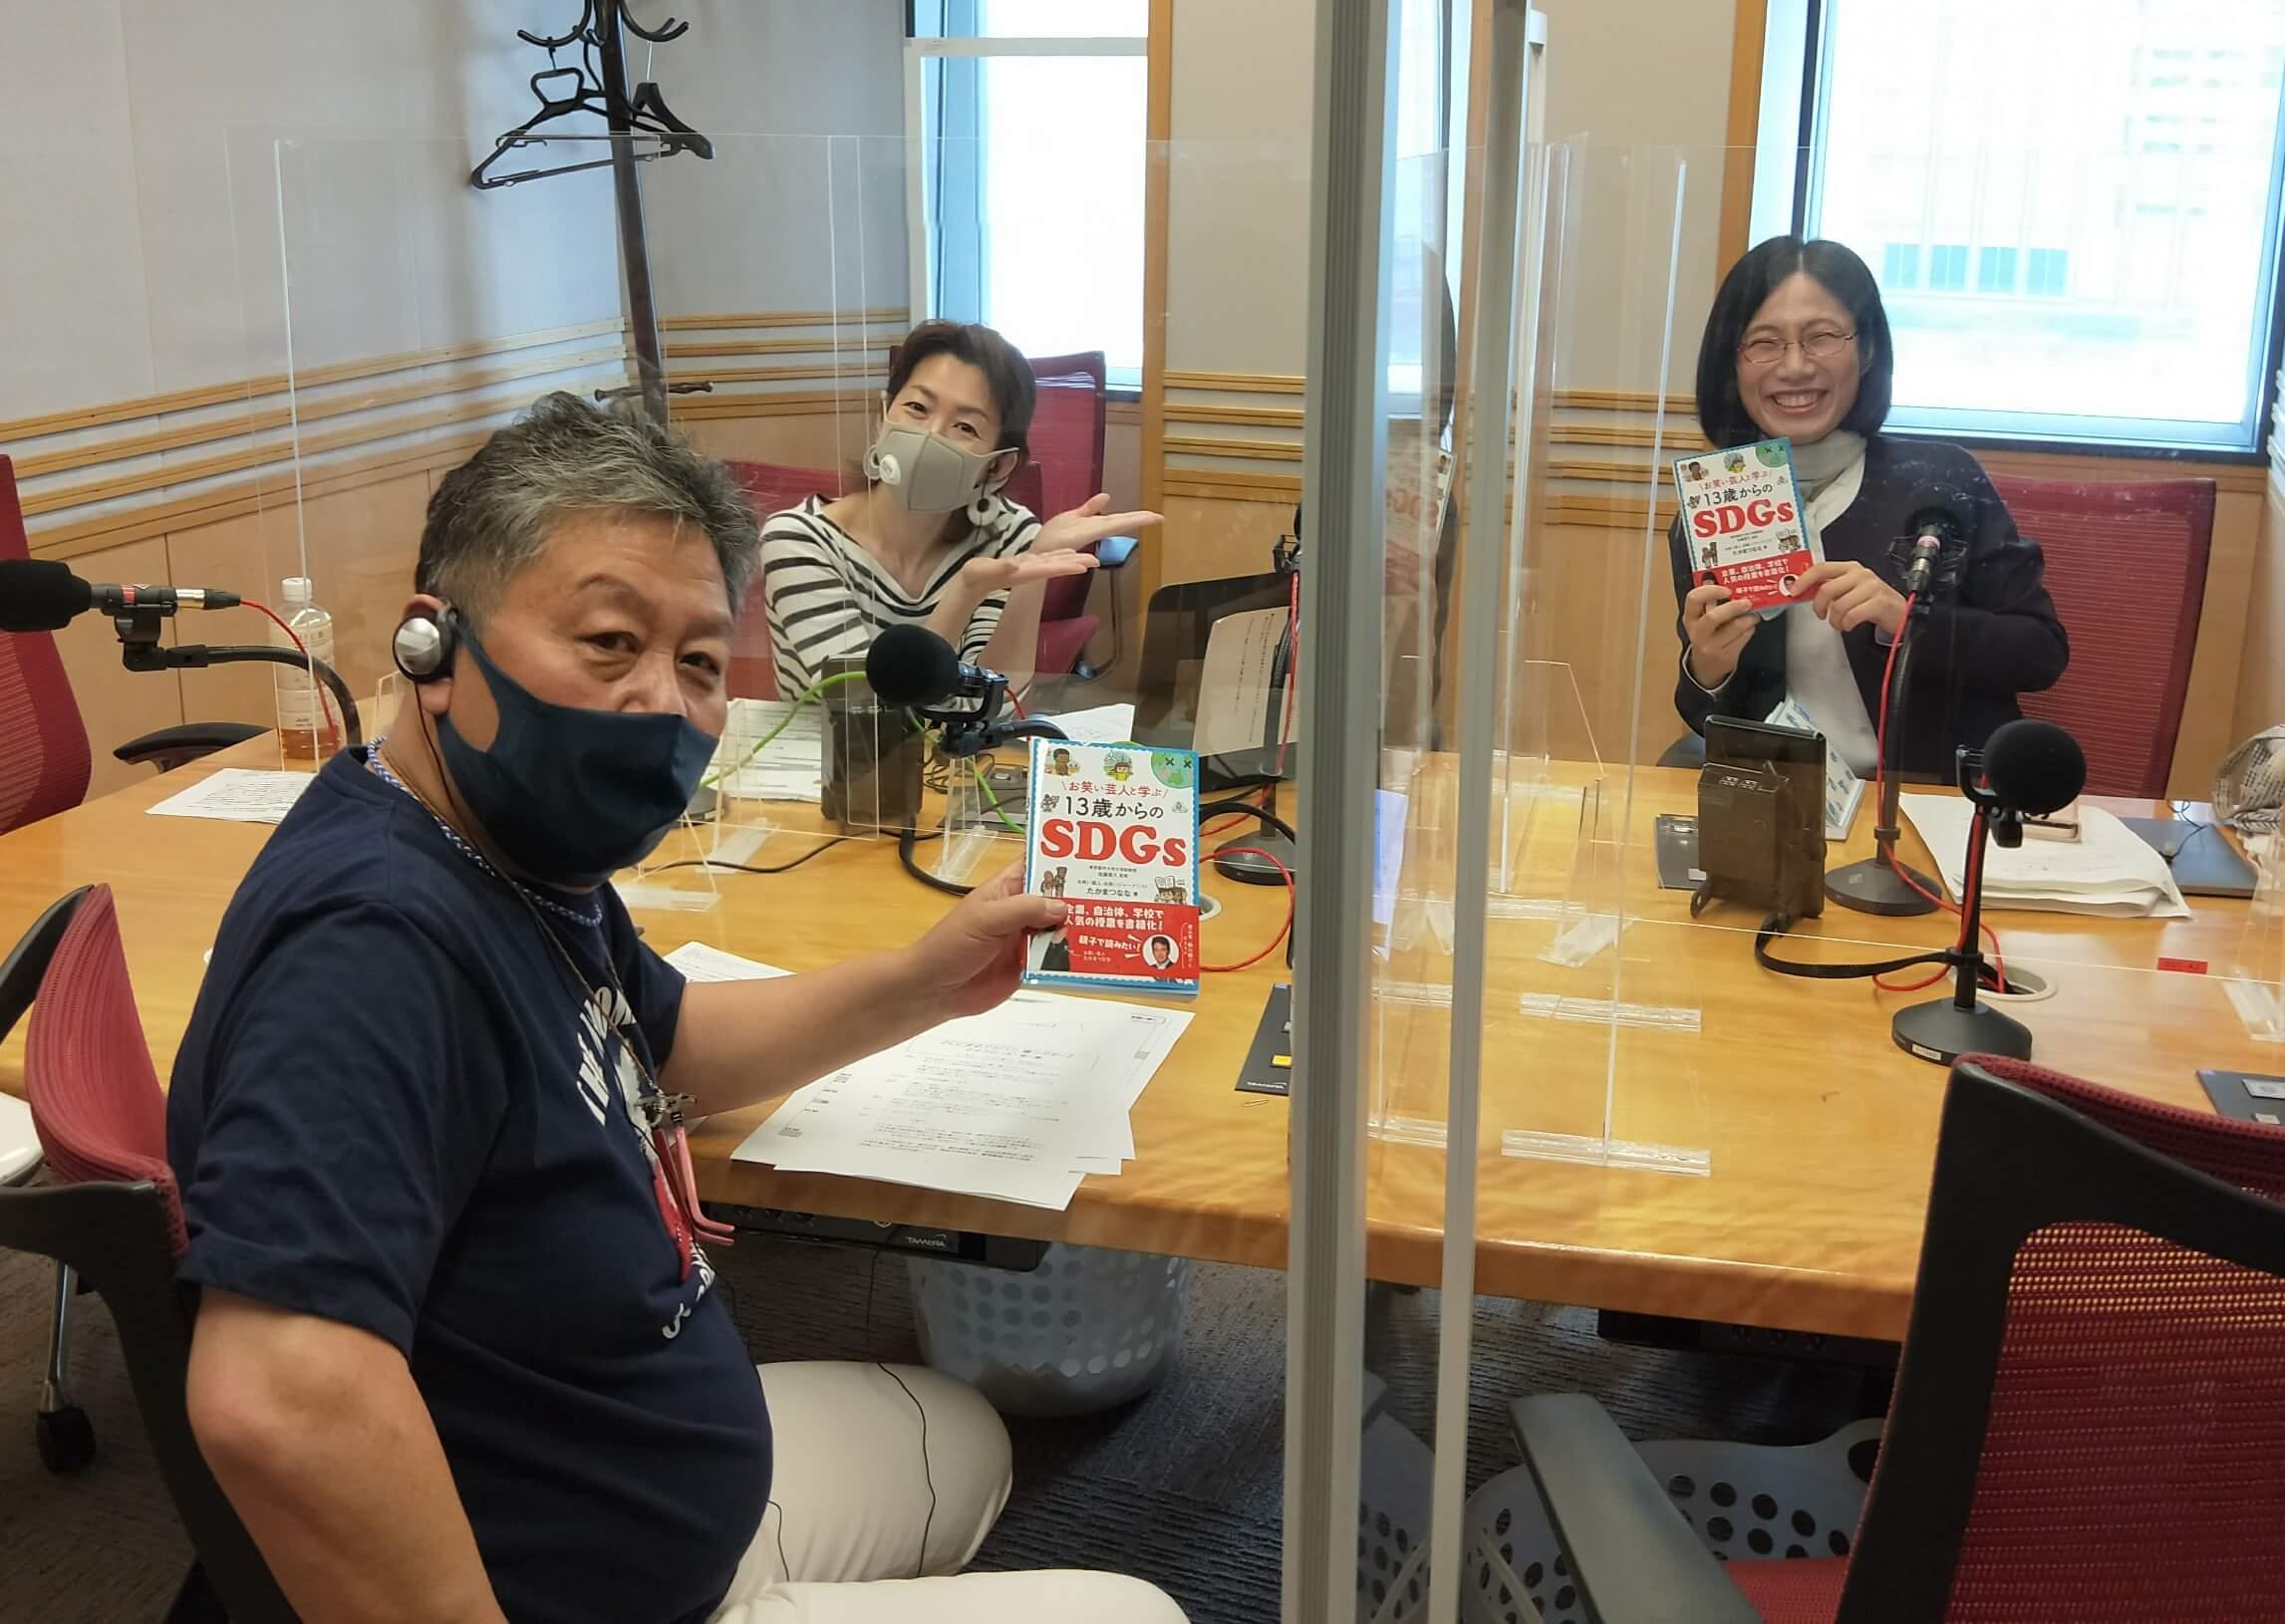 『くにまるジャパン極・極シアター』6月3日(木)のお客様:たかまつなな さん&小倉孝保さん